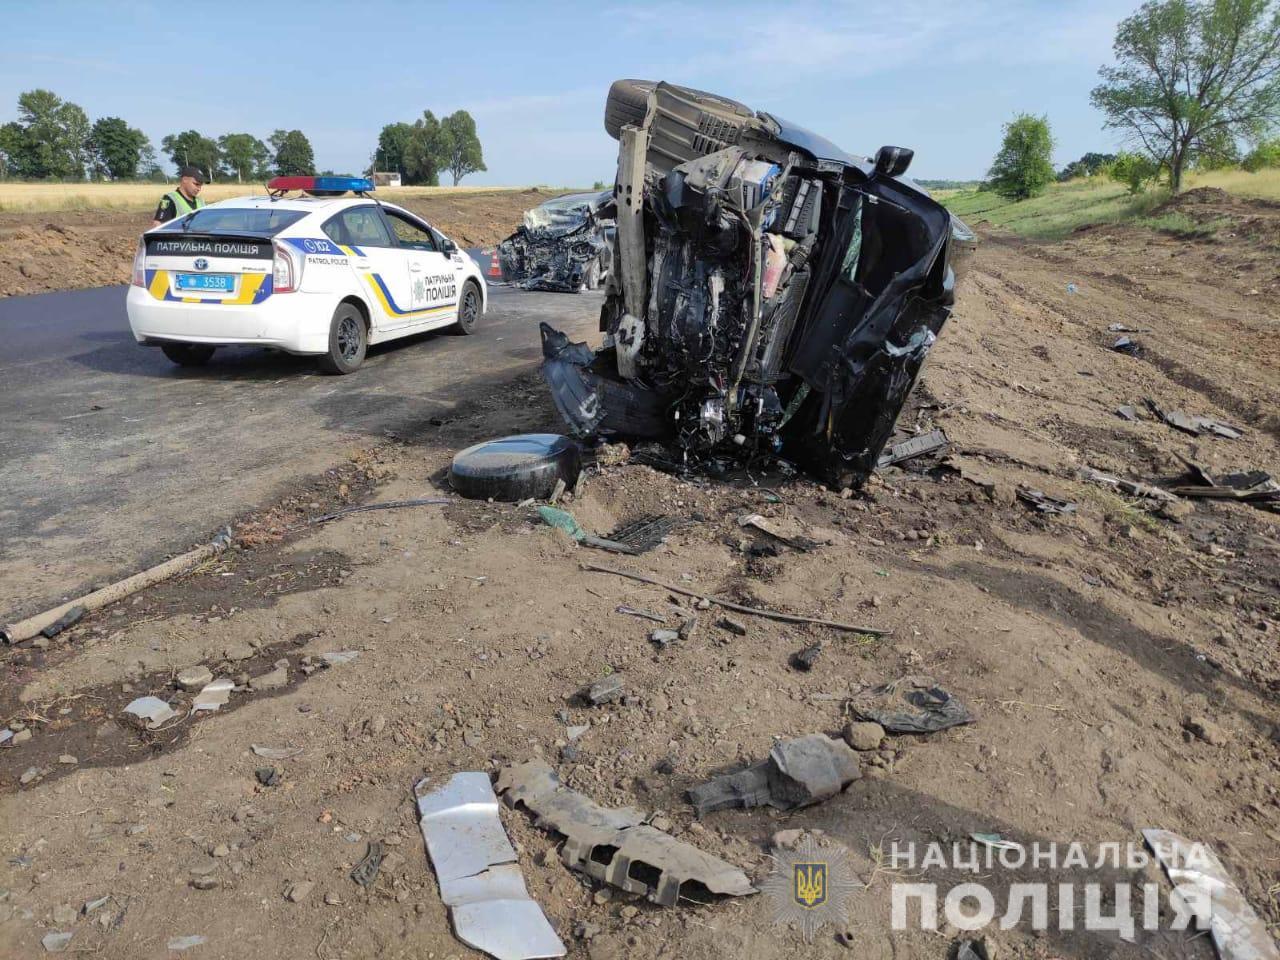 Авария на харьковской Окружной: два человека пострадали, один – умер (фоторепортаж)